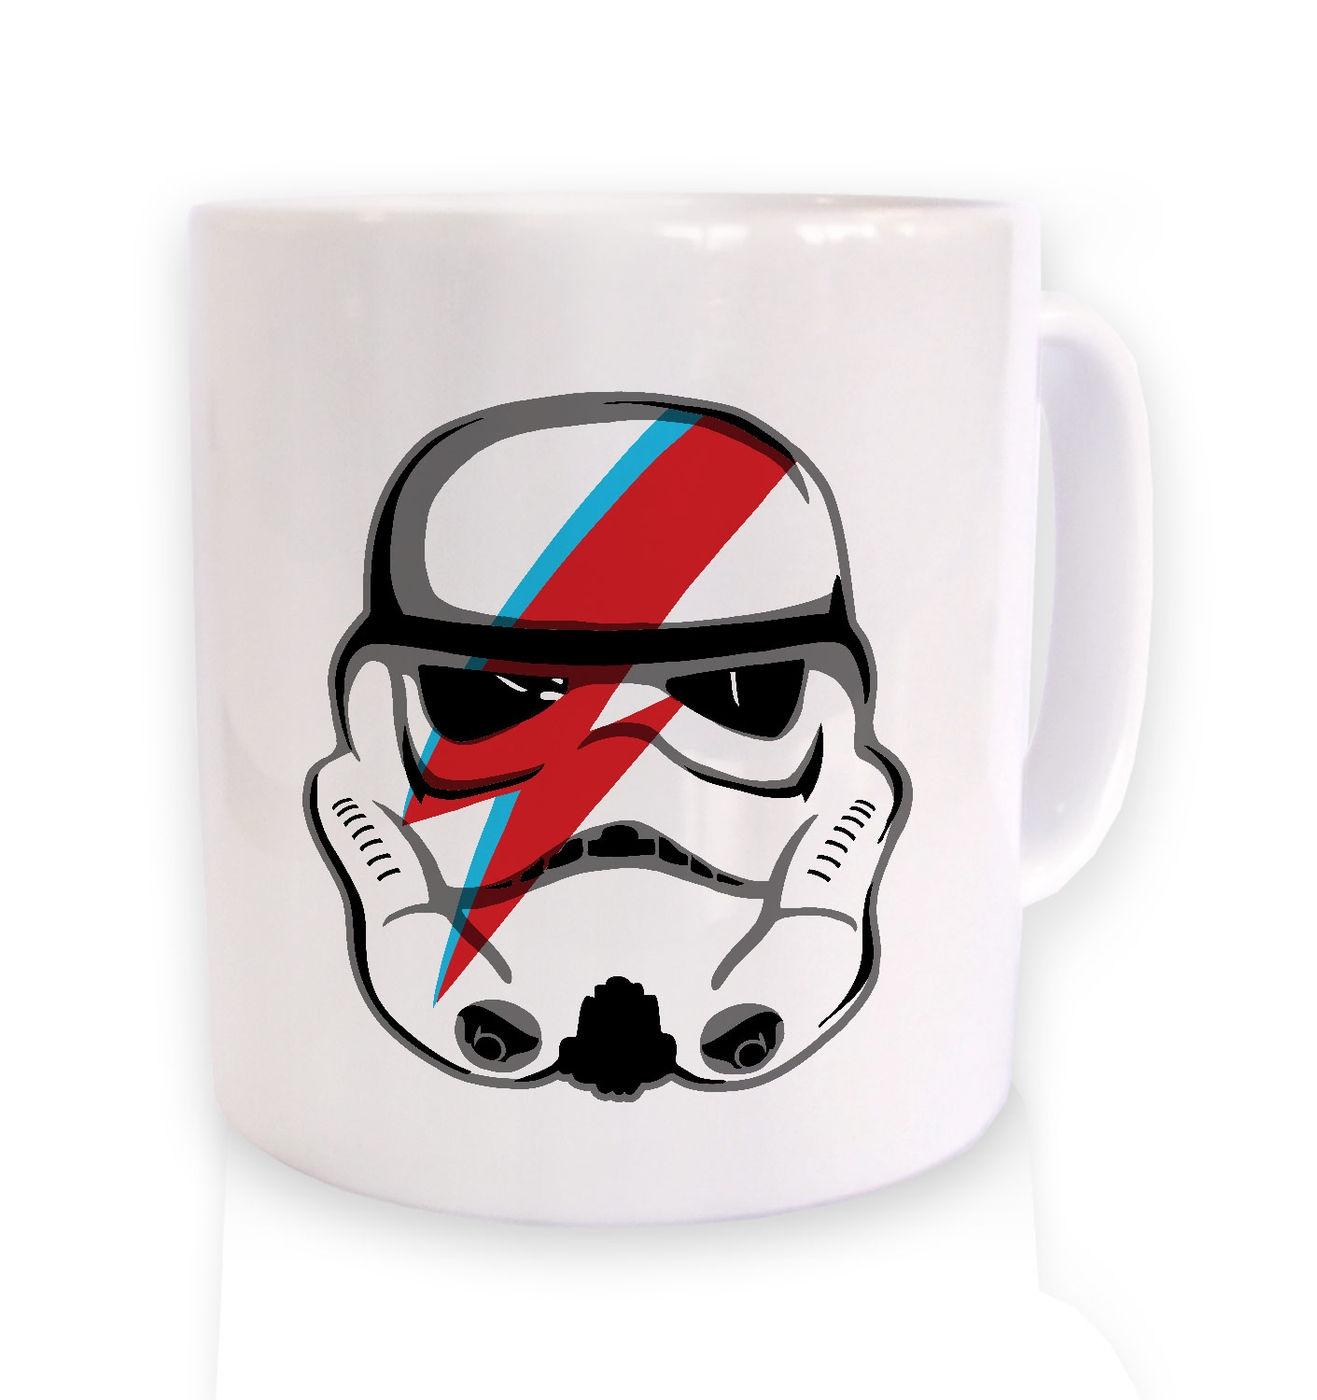 Stardust Trooper mug by Something Geeky